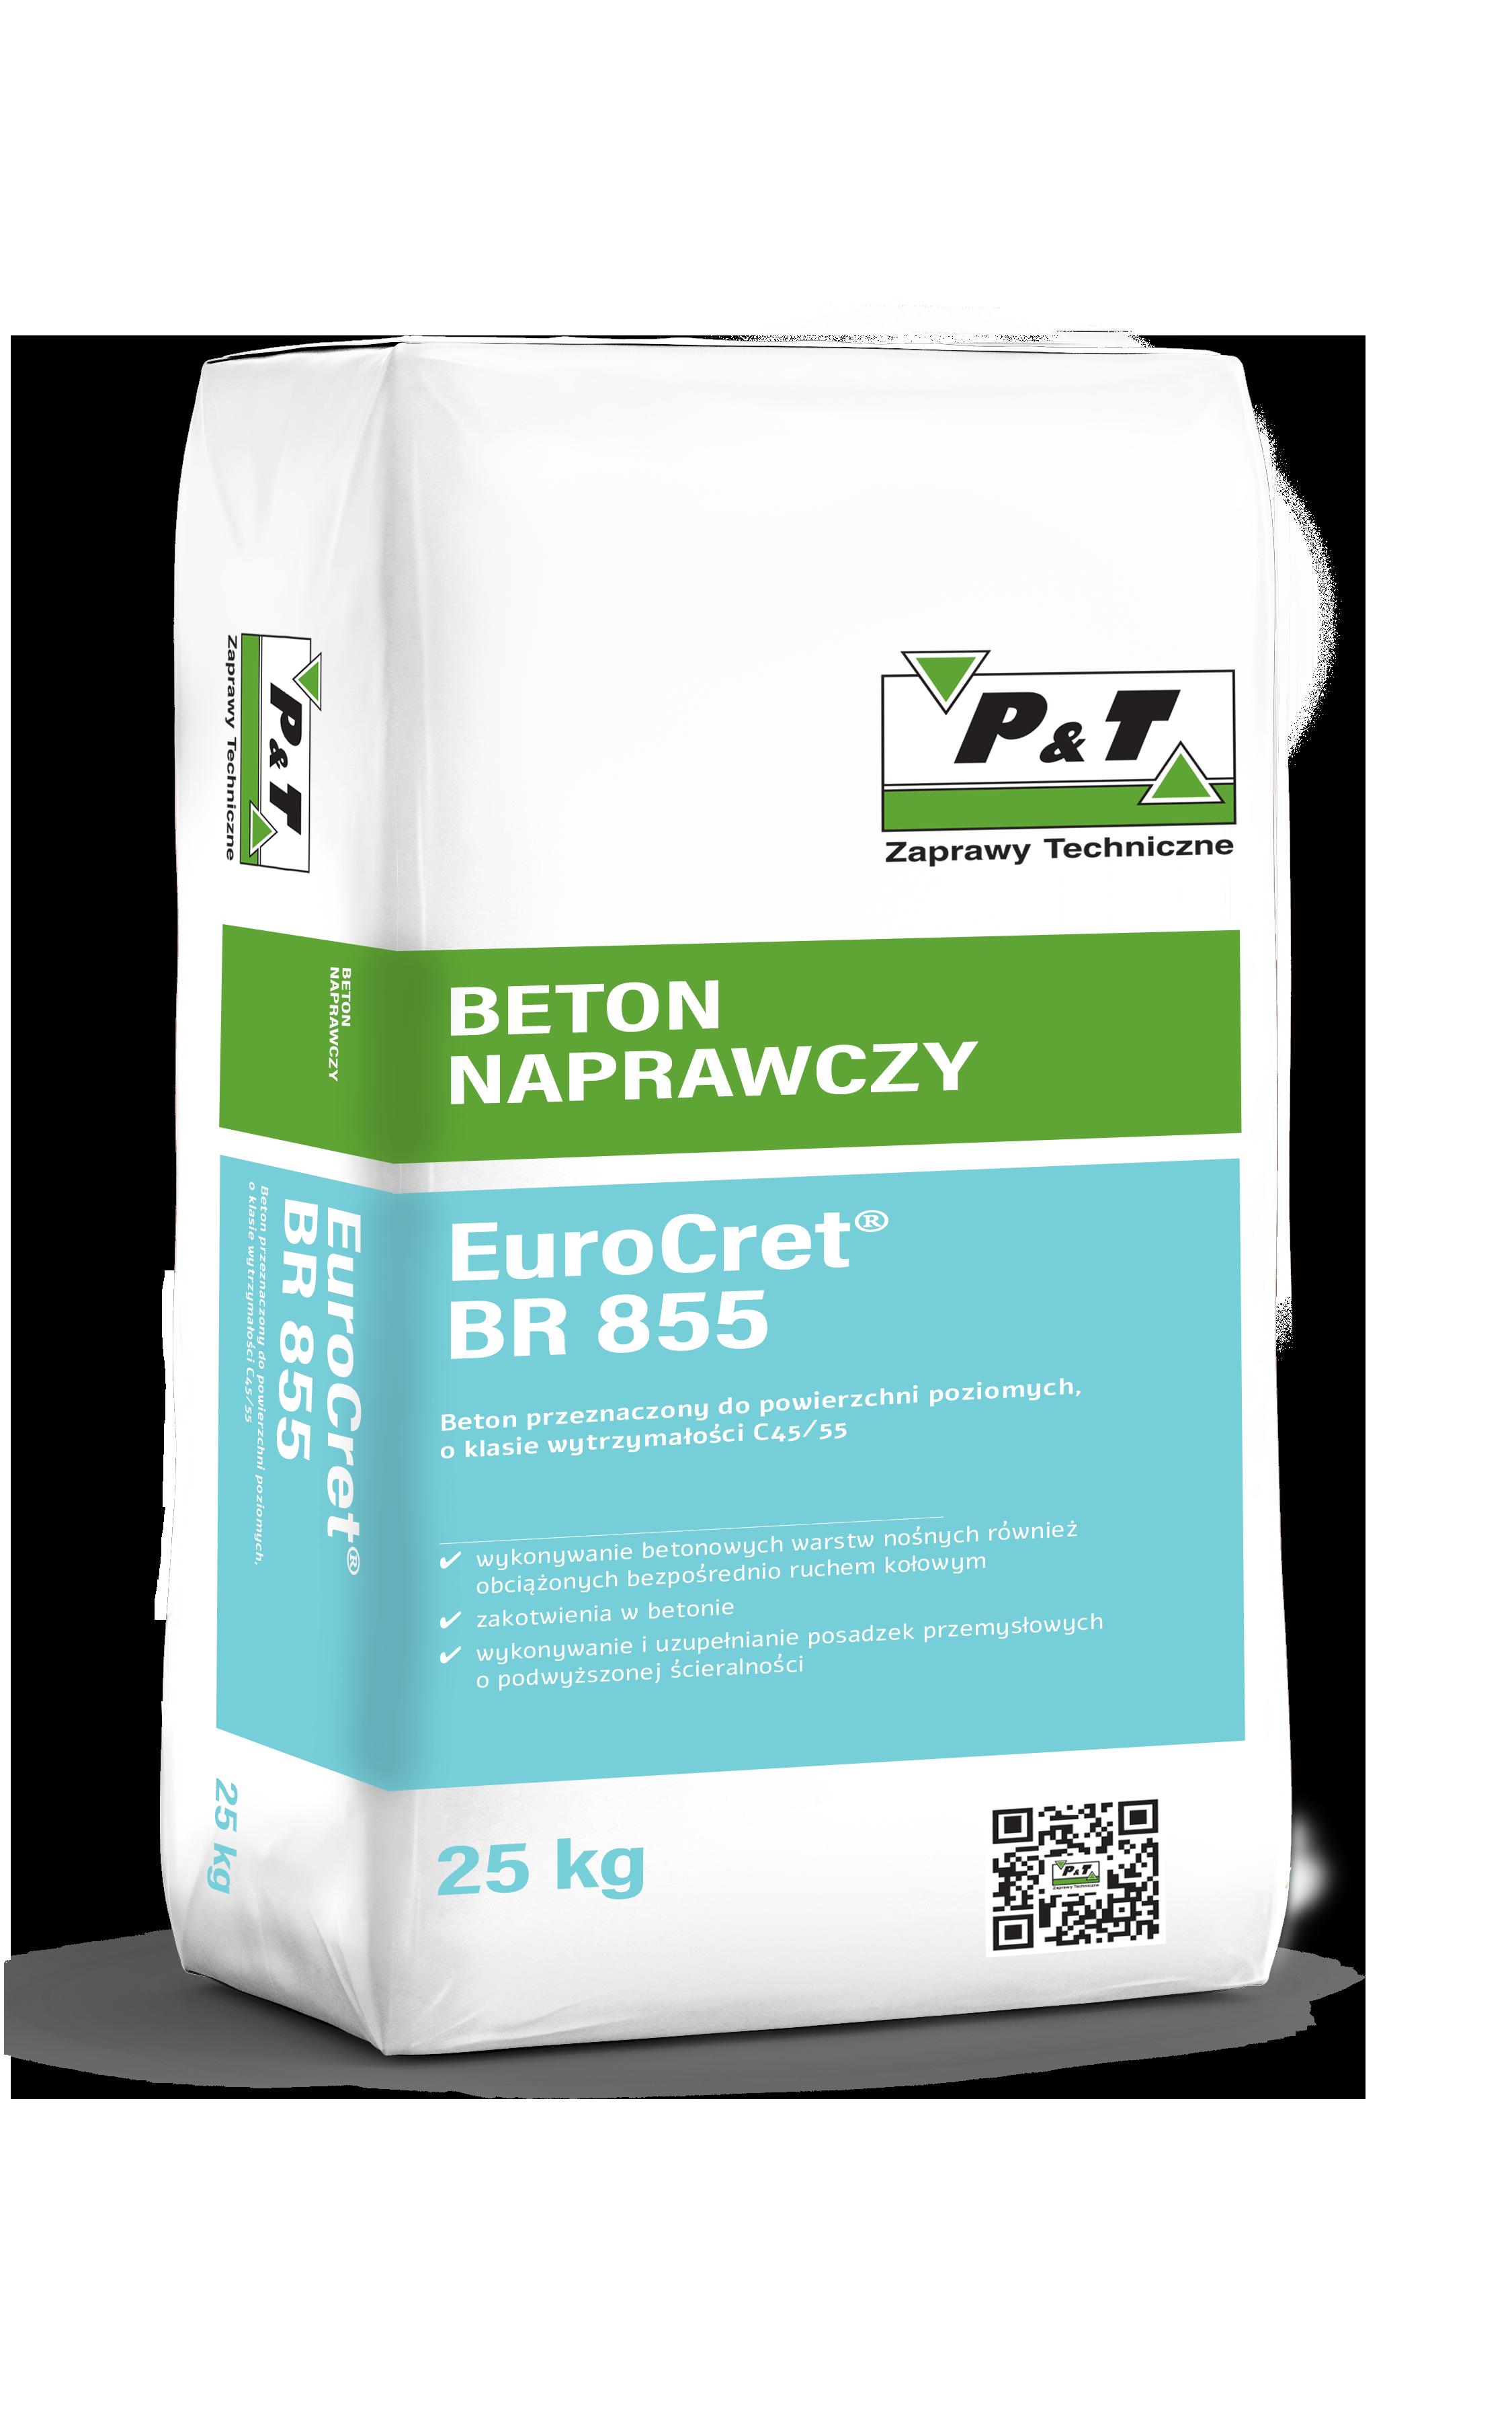 EuroCret BR 855